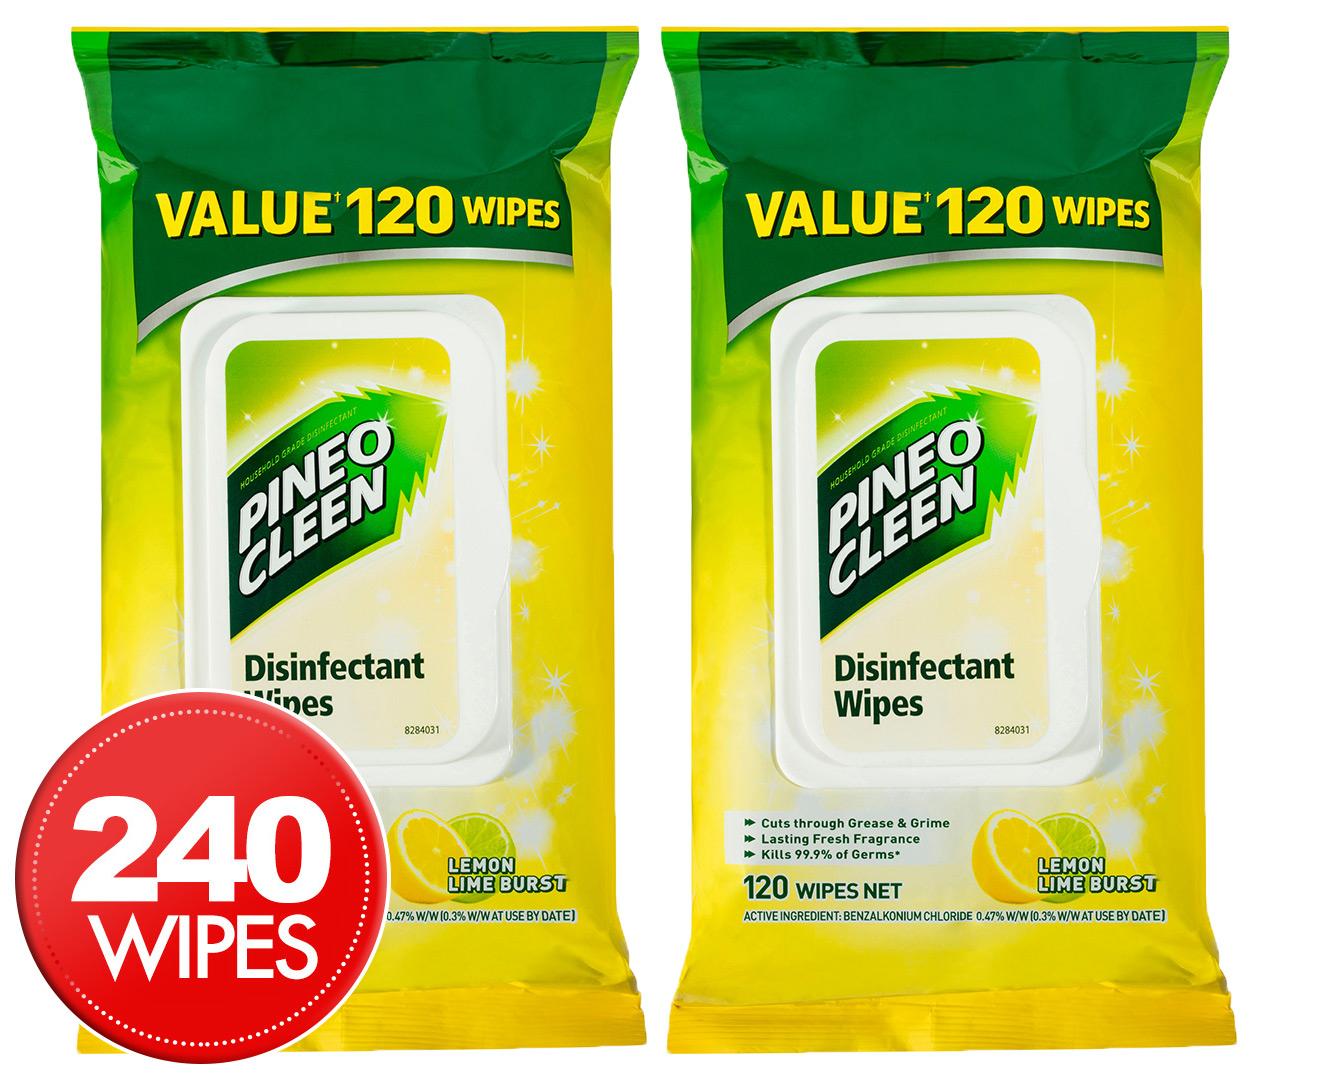 2 X Pine O Cleen Disinfectant Wipes Lemon Lime Burst 120pk